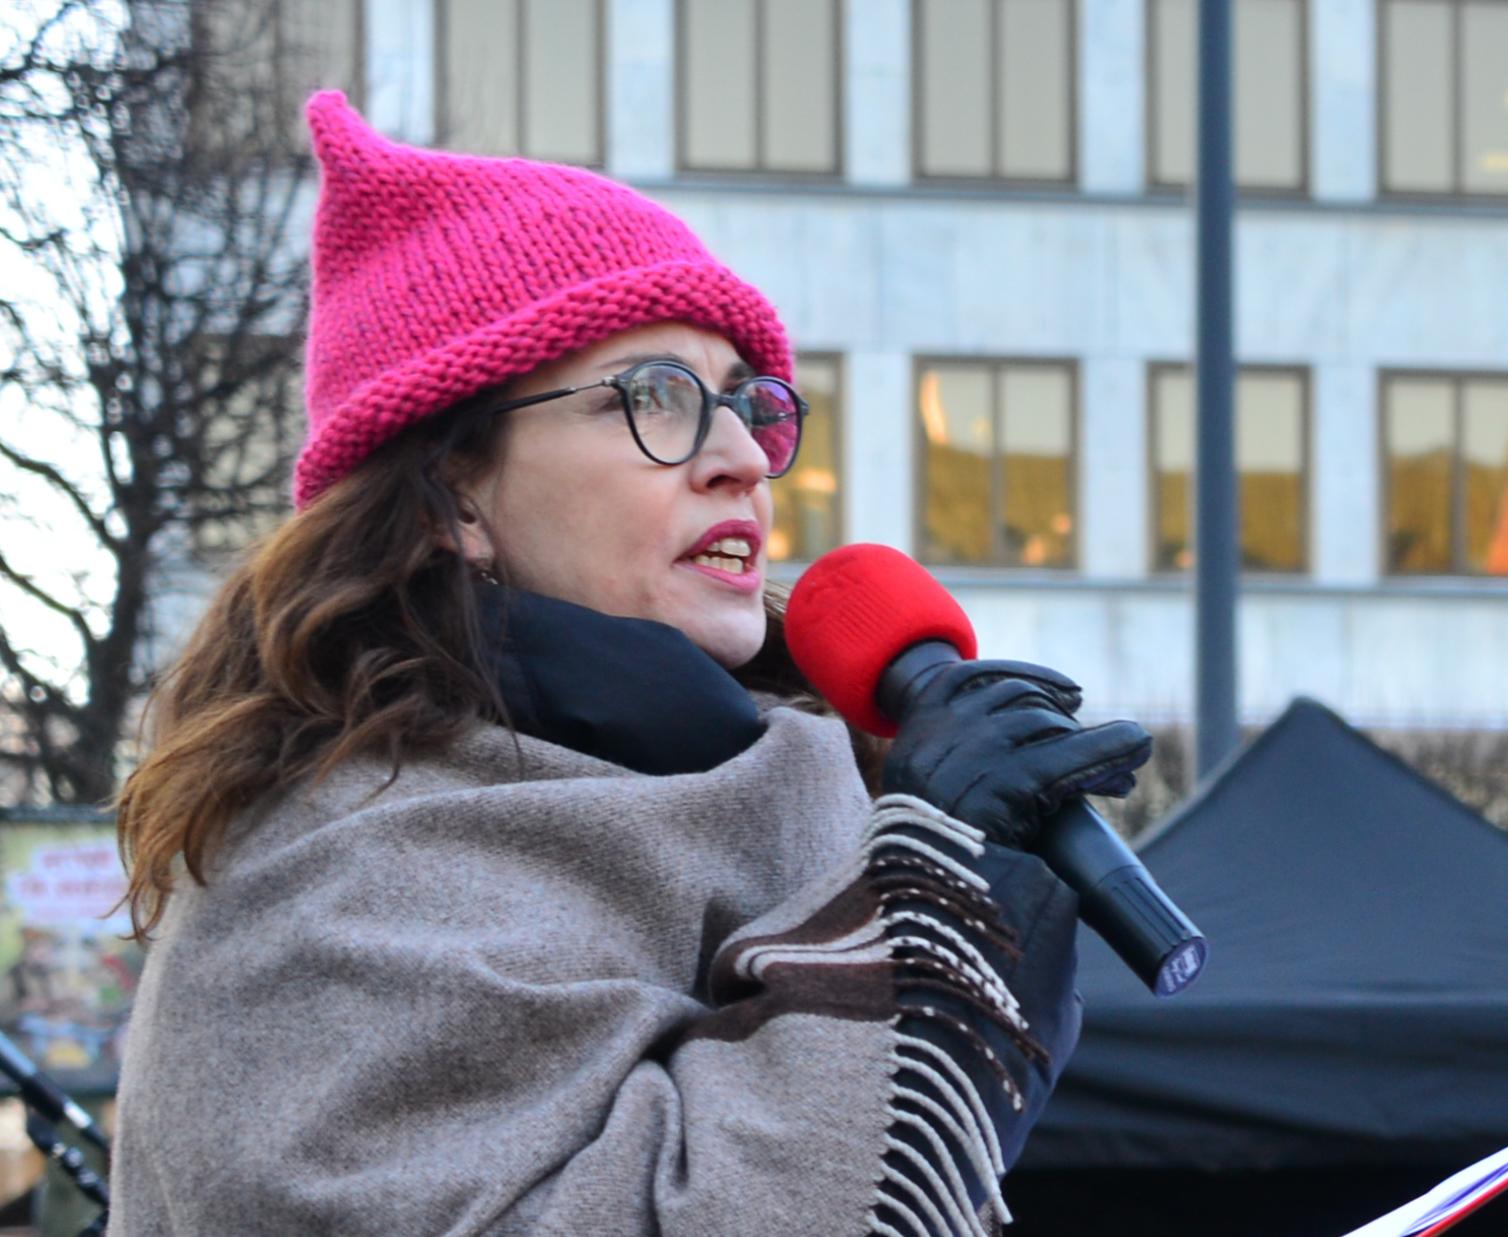 Amanda Ooms file:amanda ooms in 2018 - wikimedia commons